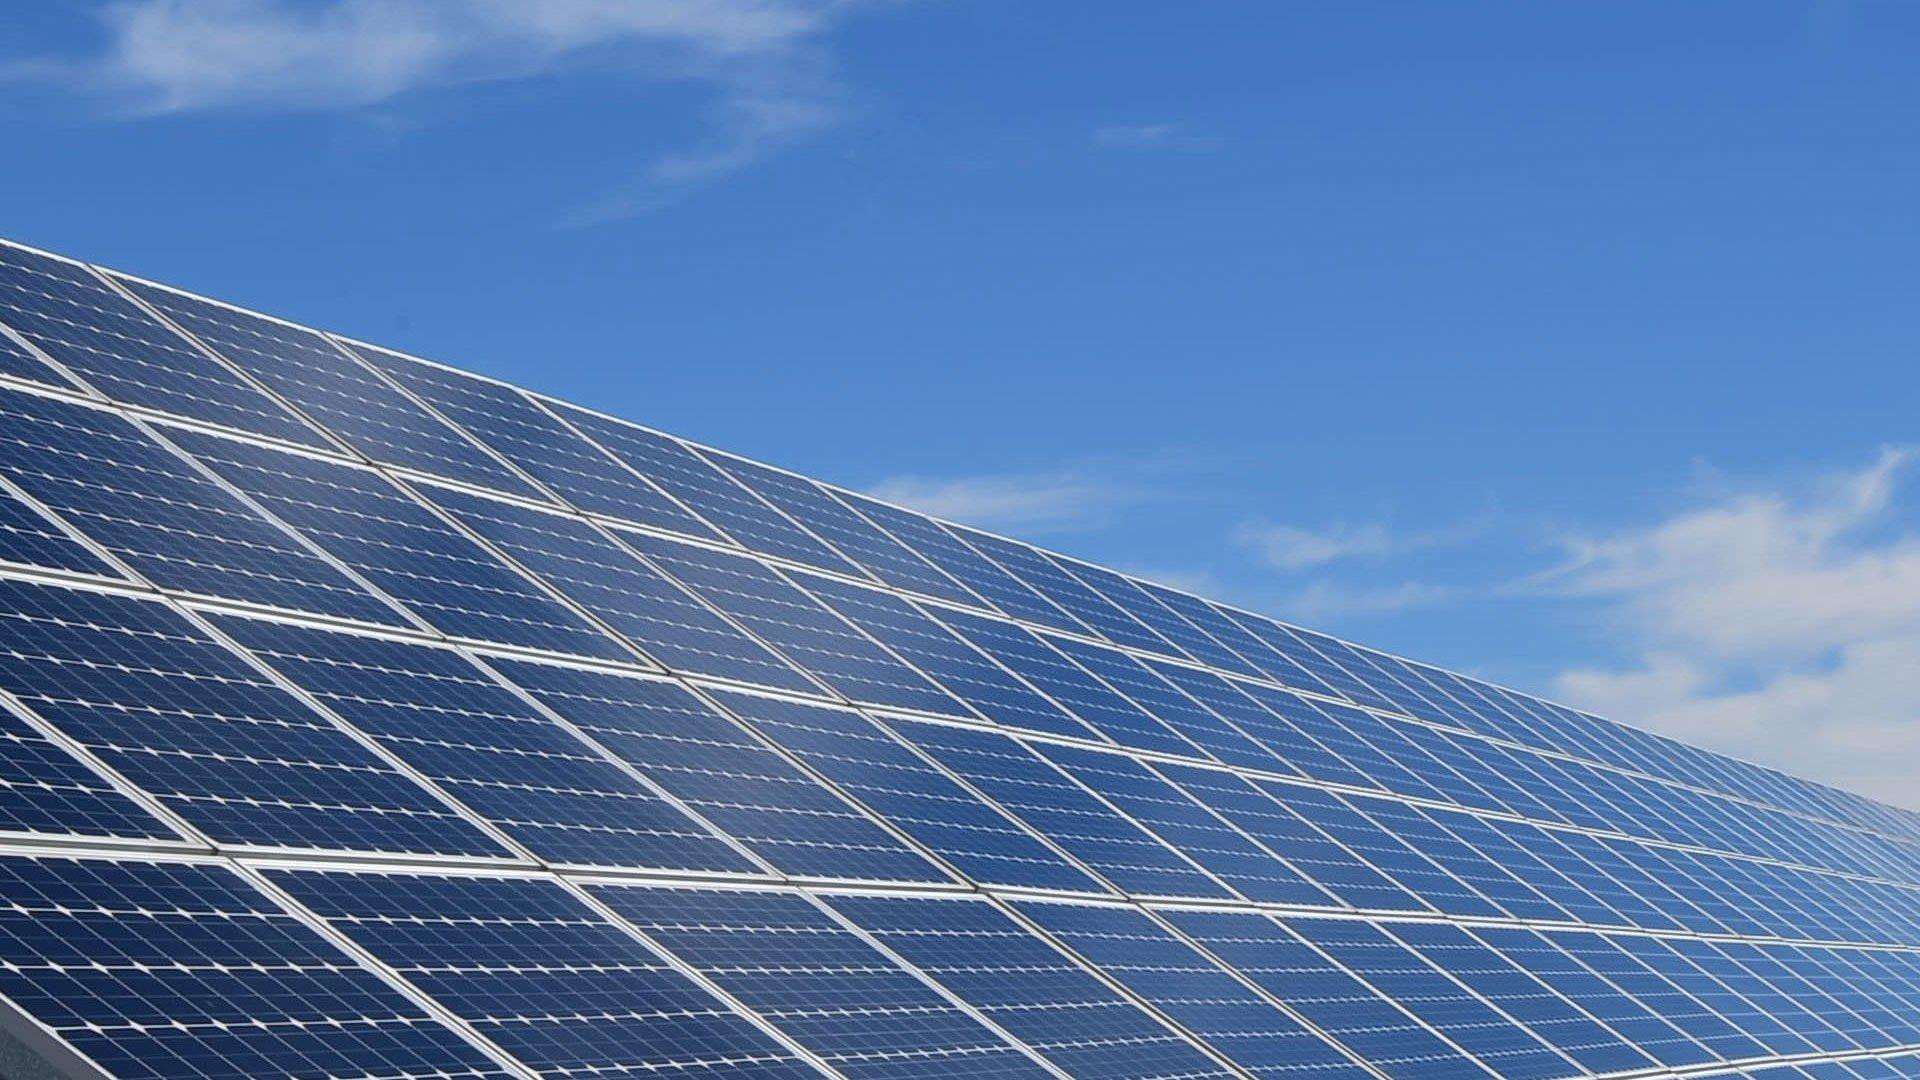 panneaux solaires.jpg?resize=412,232 - Énergie renouvelable: on a enfin découvert le moyen de stocker l'énergie solaire